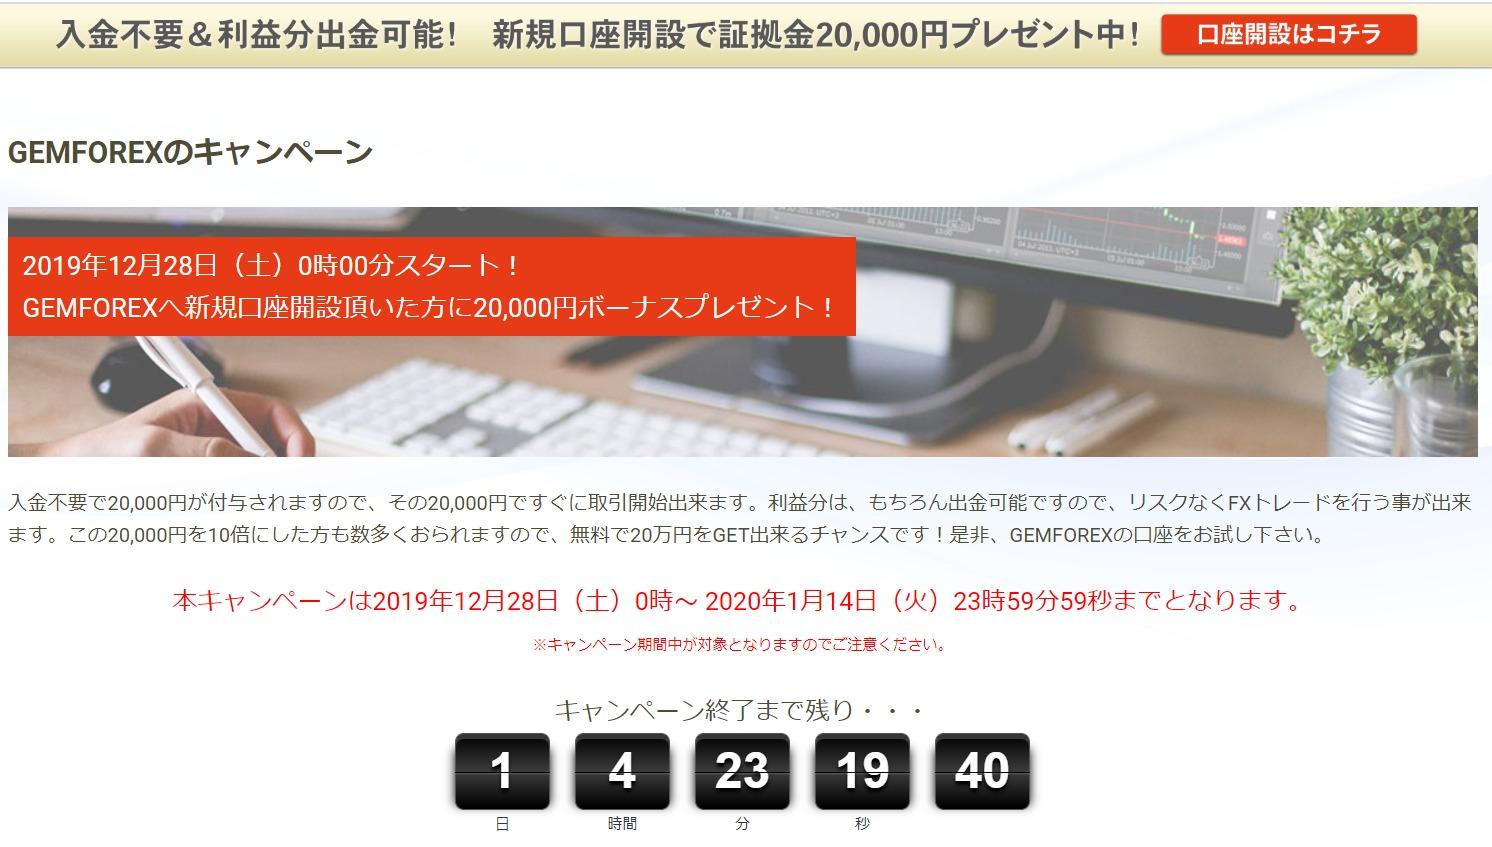 """<img src=""""5a8ecf82cfae5f586d1caee9ffe1fb0b.jpg"""" alt=""""gemforex 2000円ボーナス 明日まで 20200114"""">"""